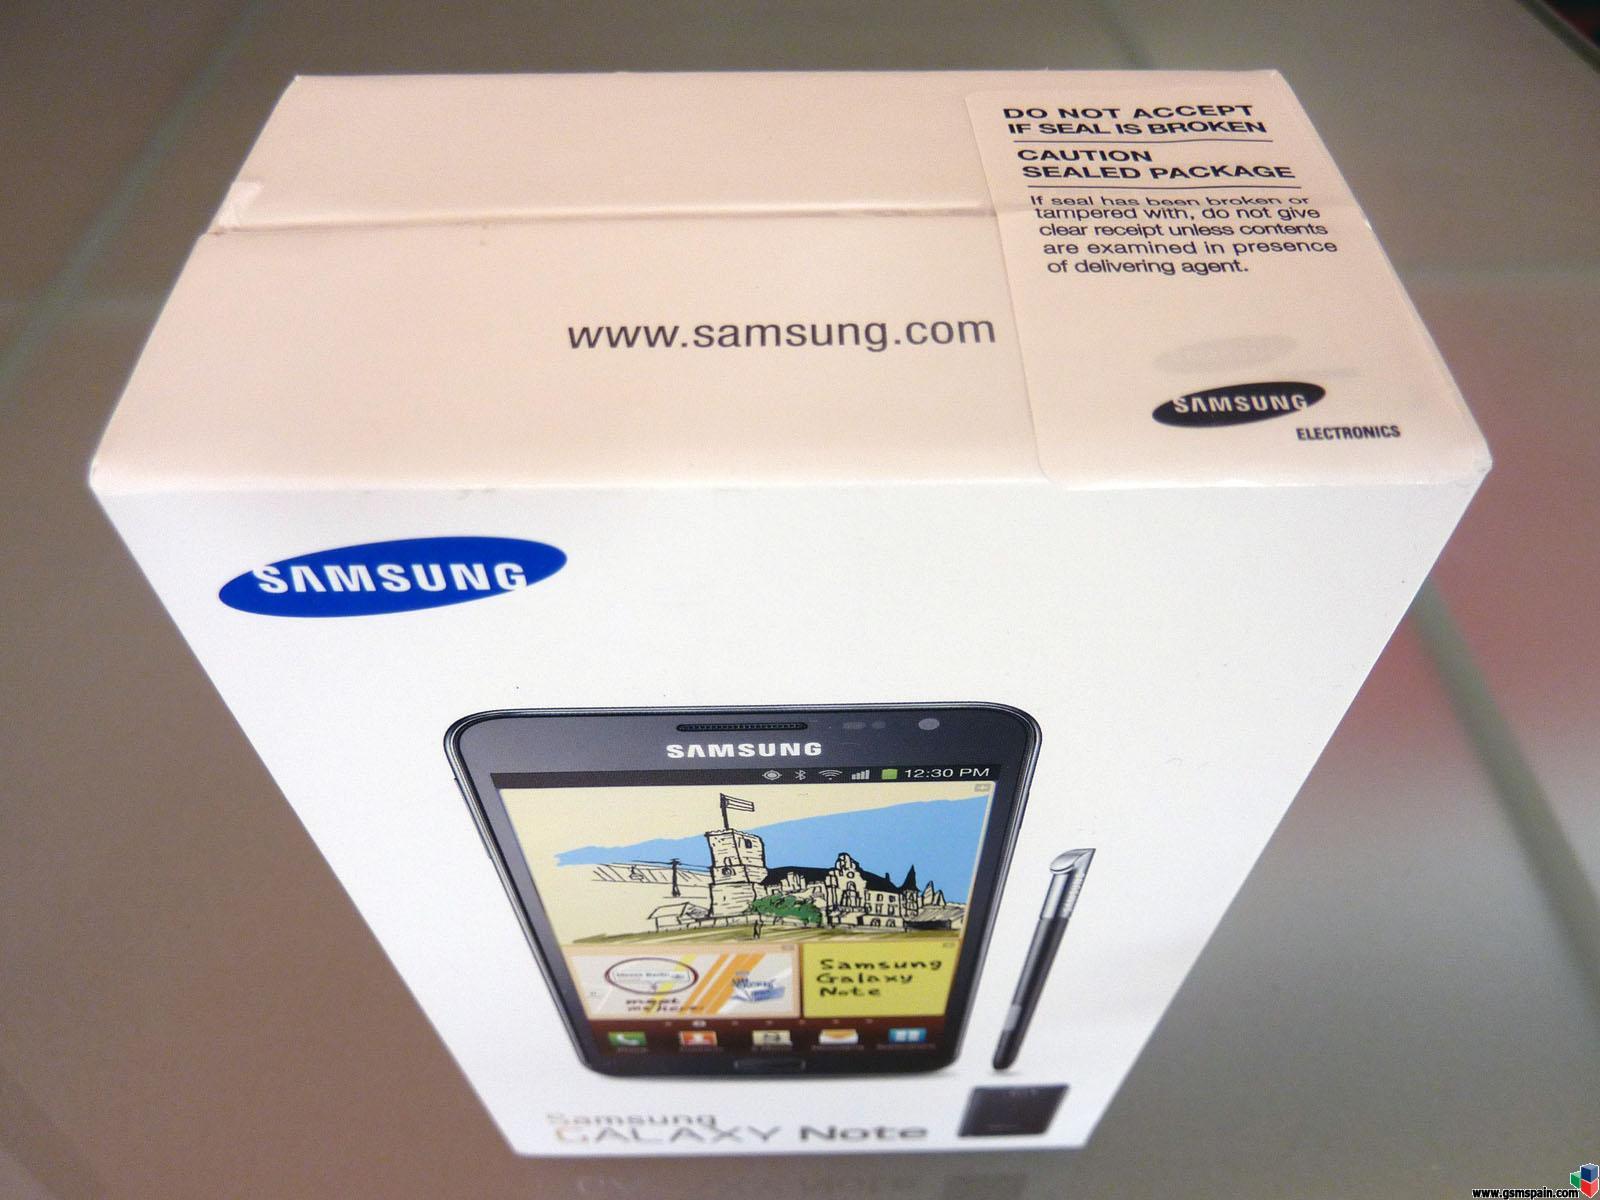 [VENDO] Samsung Galaxy NOTE: Nuevo+Precintado+Factura+Vodafone